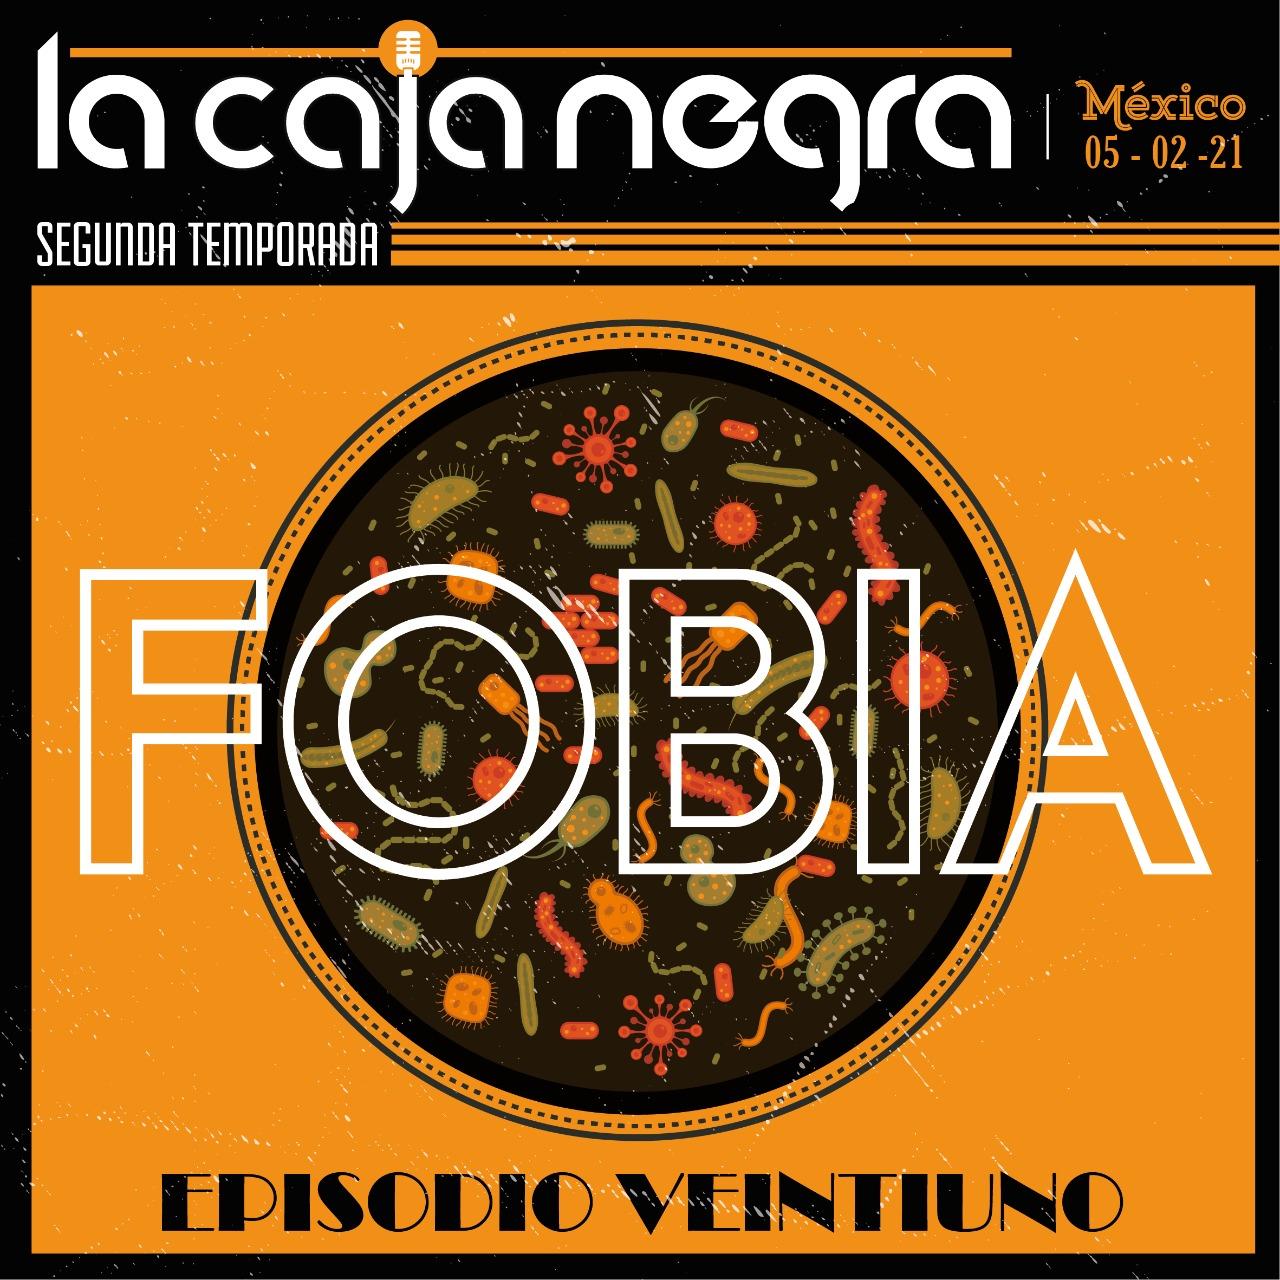 Fobia: Una mezcla de influencias y gustos, pero también de mucho talento y expresividad